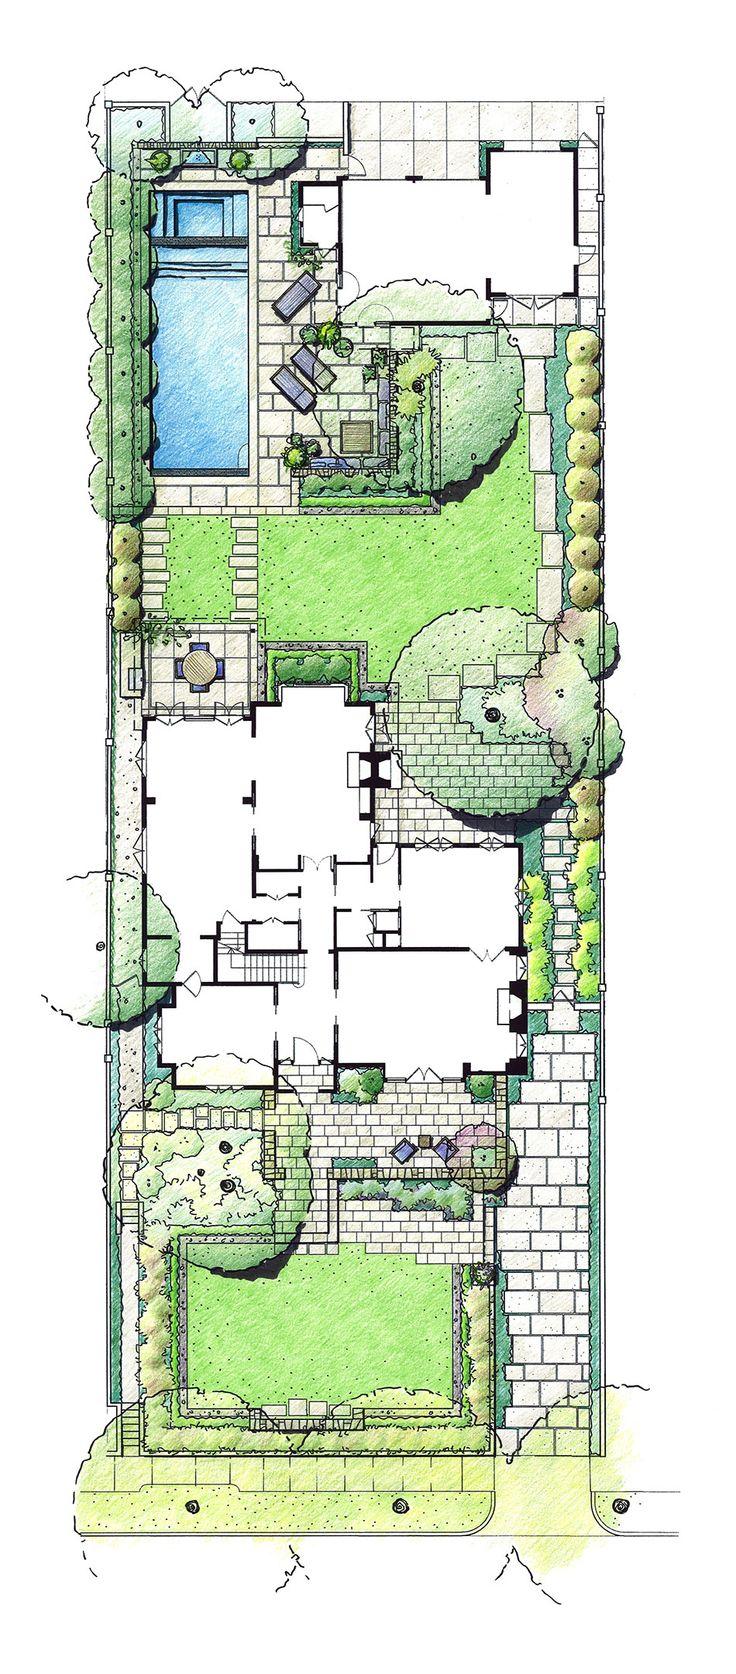 site plans & graphics